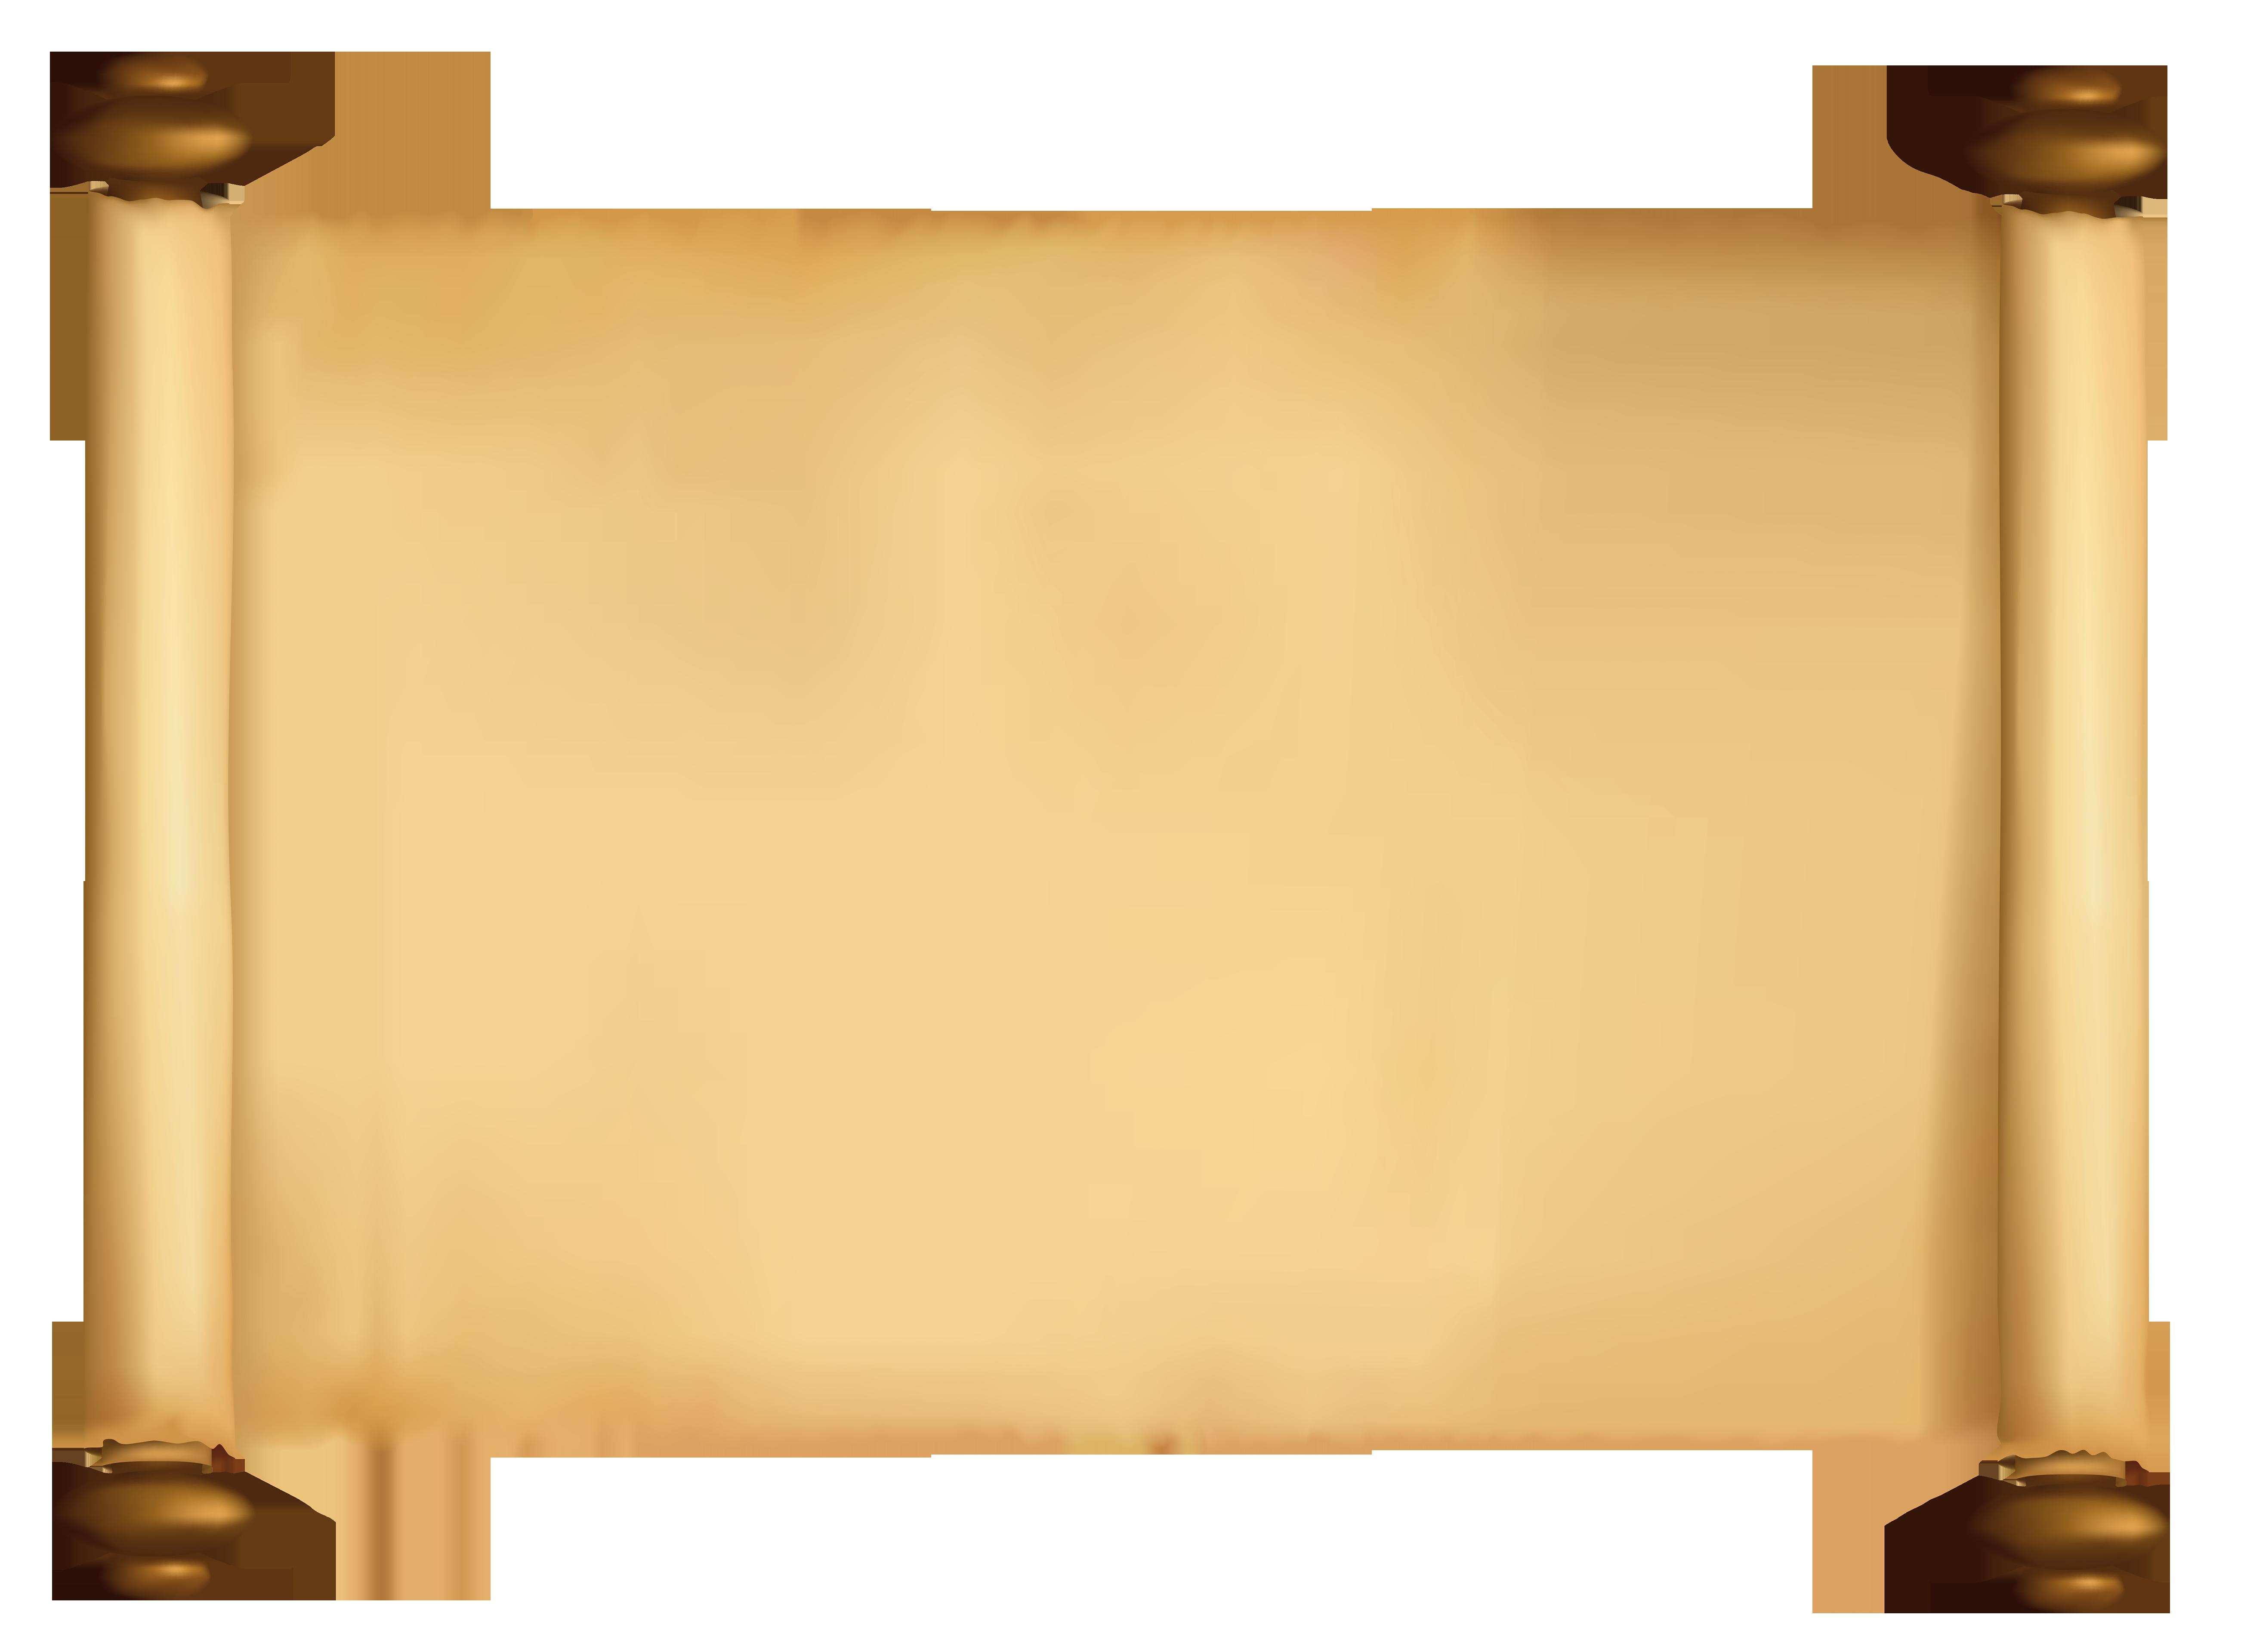 Papyrus Clip Art.